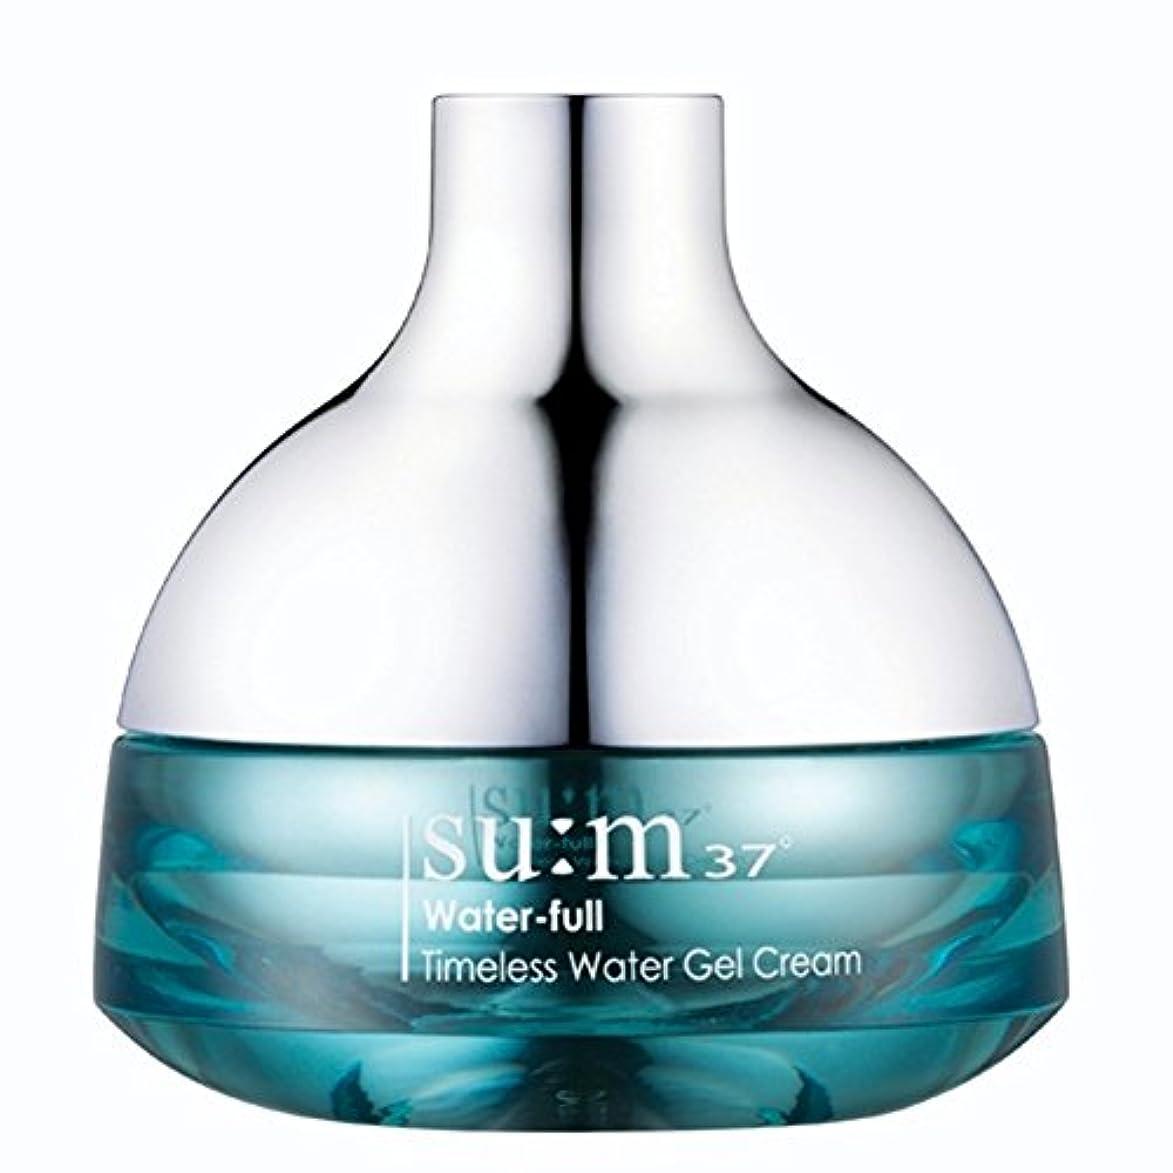 理容室ポップ異邦人su:m37/スム37° スム37 ウォーターフルタイムレスウォータージェルクリーム50ml (sum 37ºWater-full Timeless Water Gel Cream 50ml + Special Gift...